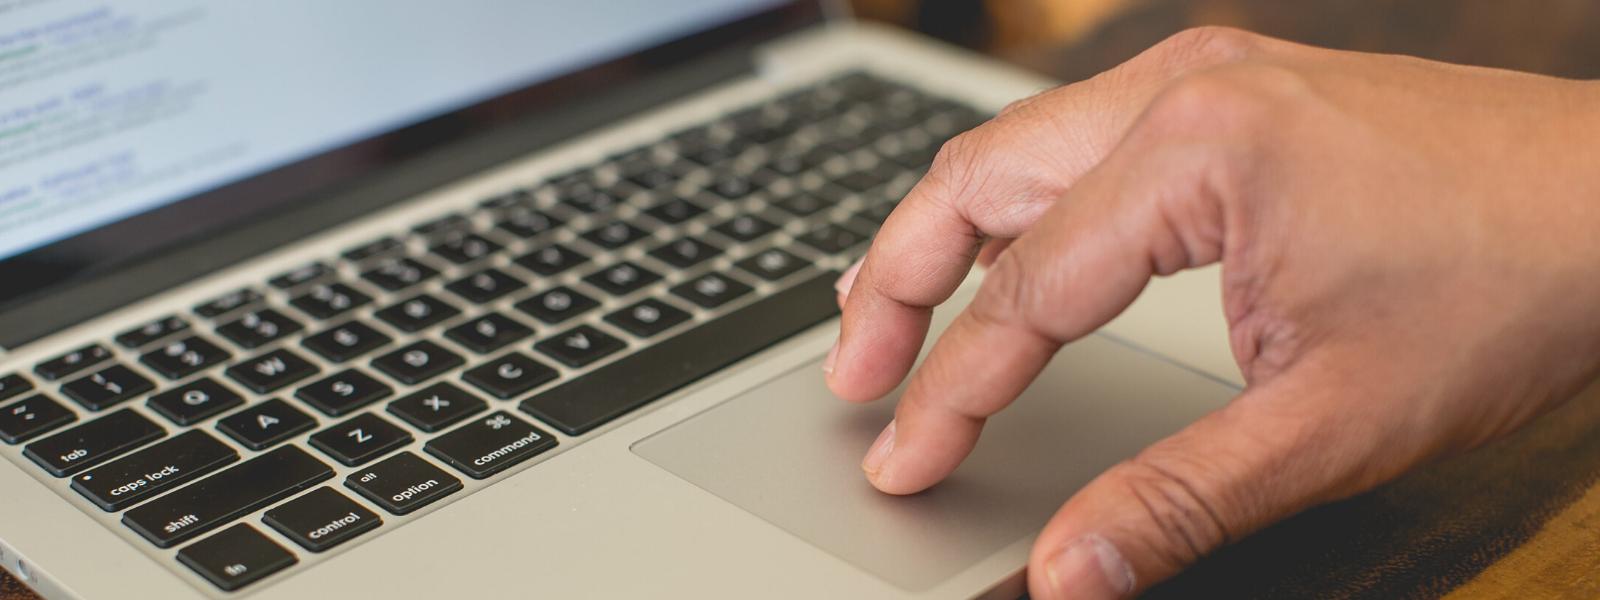 Laptop-Website Header Image